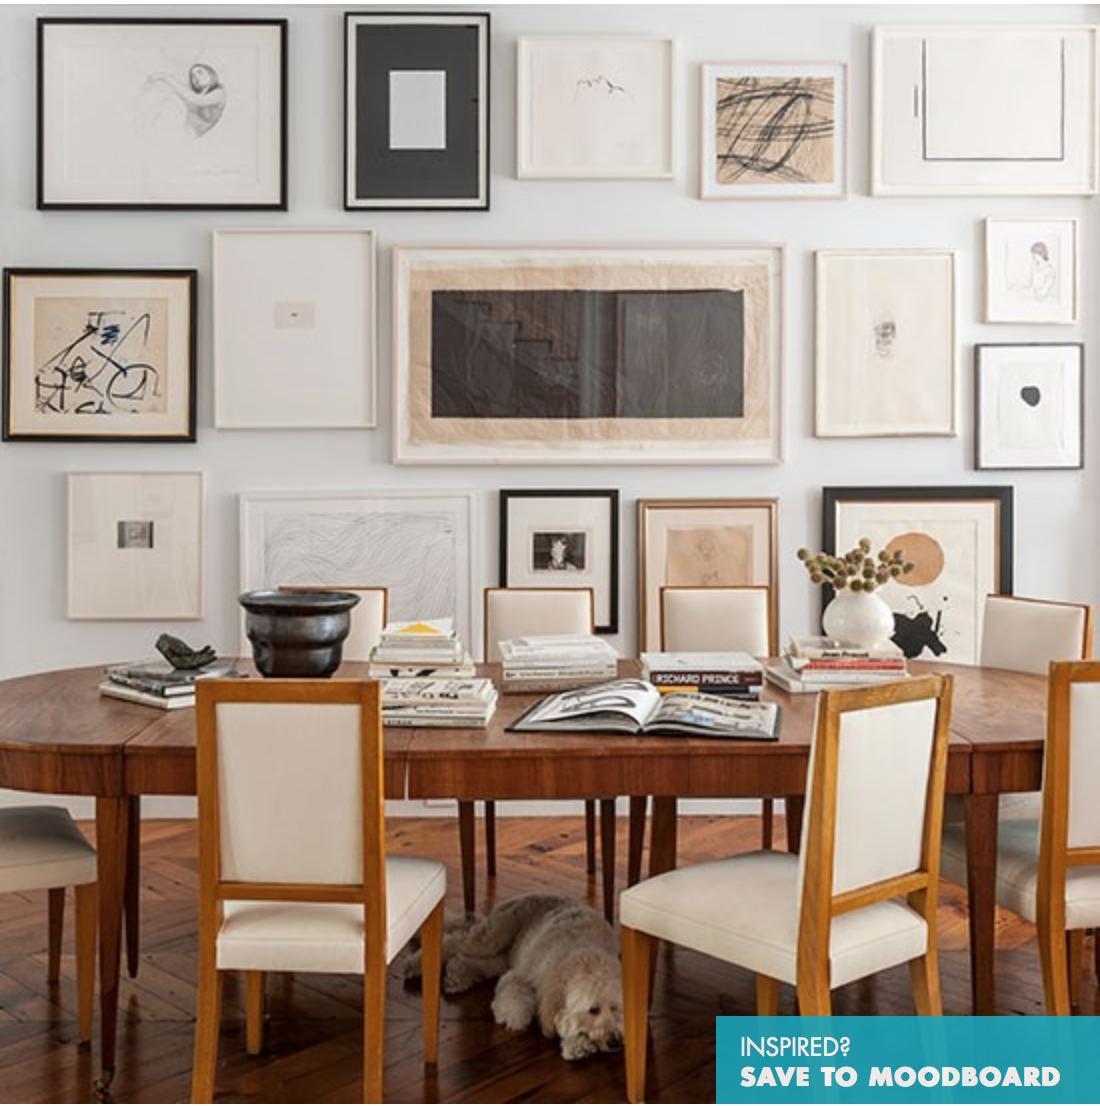 Diferenca De Copa E Sala De Jantar ~ Galeria de quadros na parede, preenchem a sala e deixam a decoração